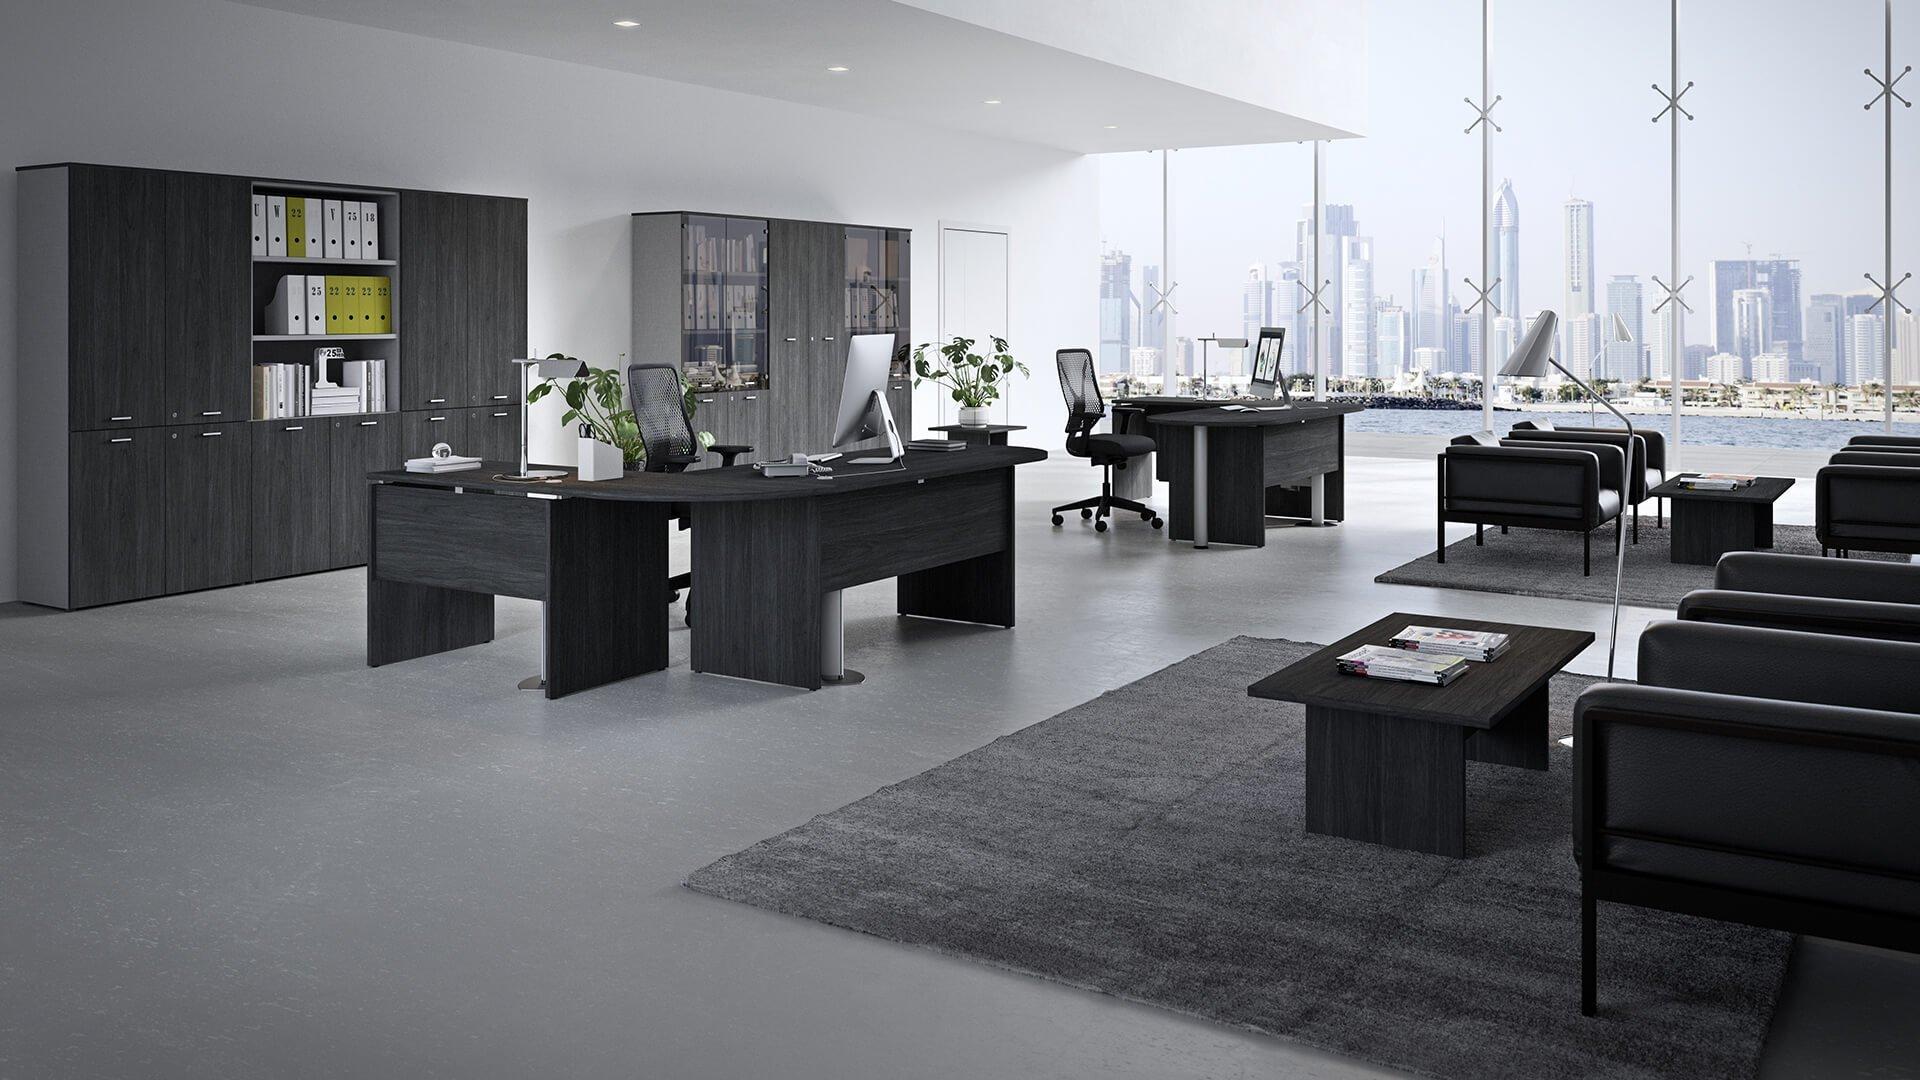 Arredamento per ufficio busalla genova sistemi ufficio - Arredamento per ufficio ...